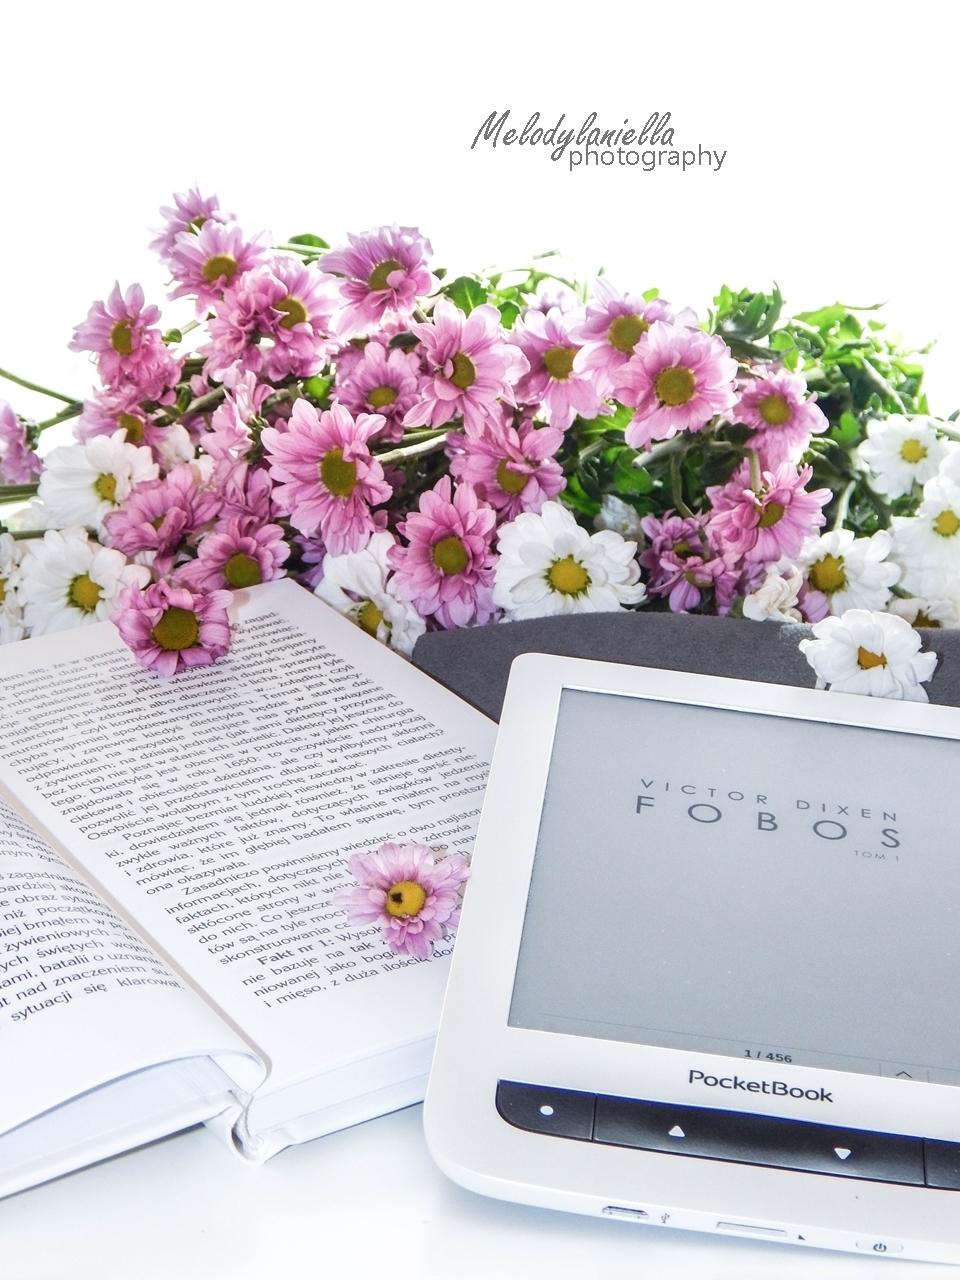 fobos czytnik ksiazka kawiaty melodylaniella wydawnictwo otwarte recenzja pocket book ksiazki lektura